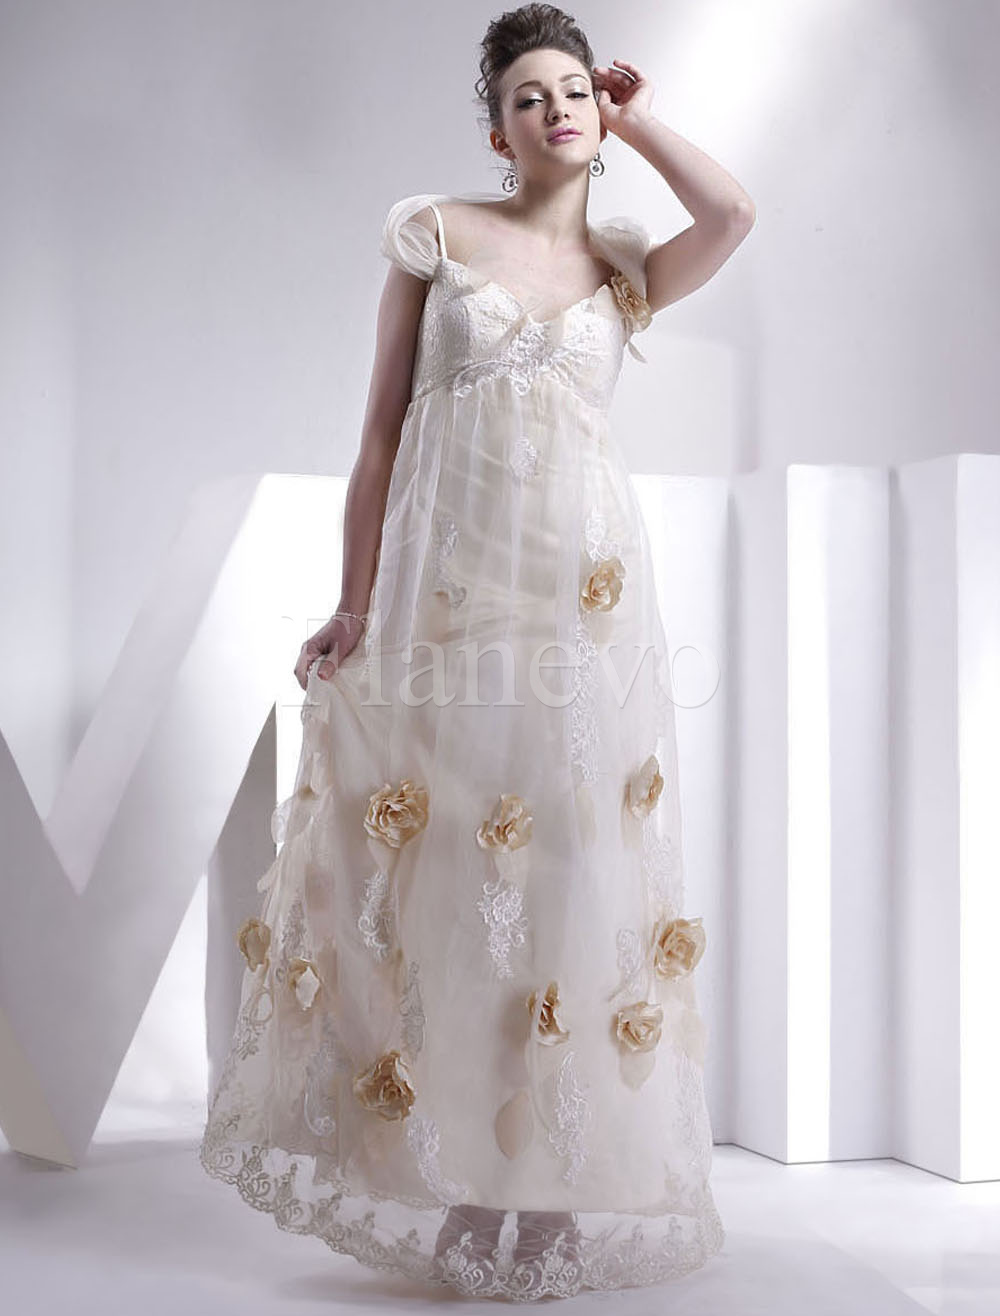 Brautkleid für Schwangere mit Blumendekoration - Empire-Stil - flanevo